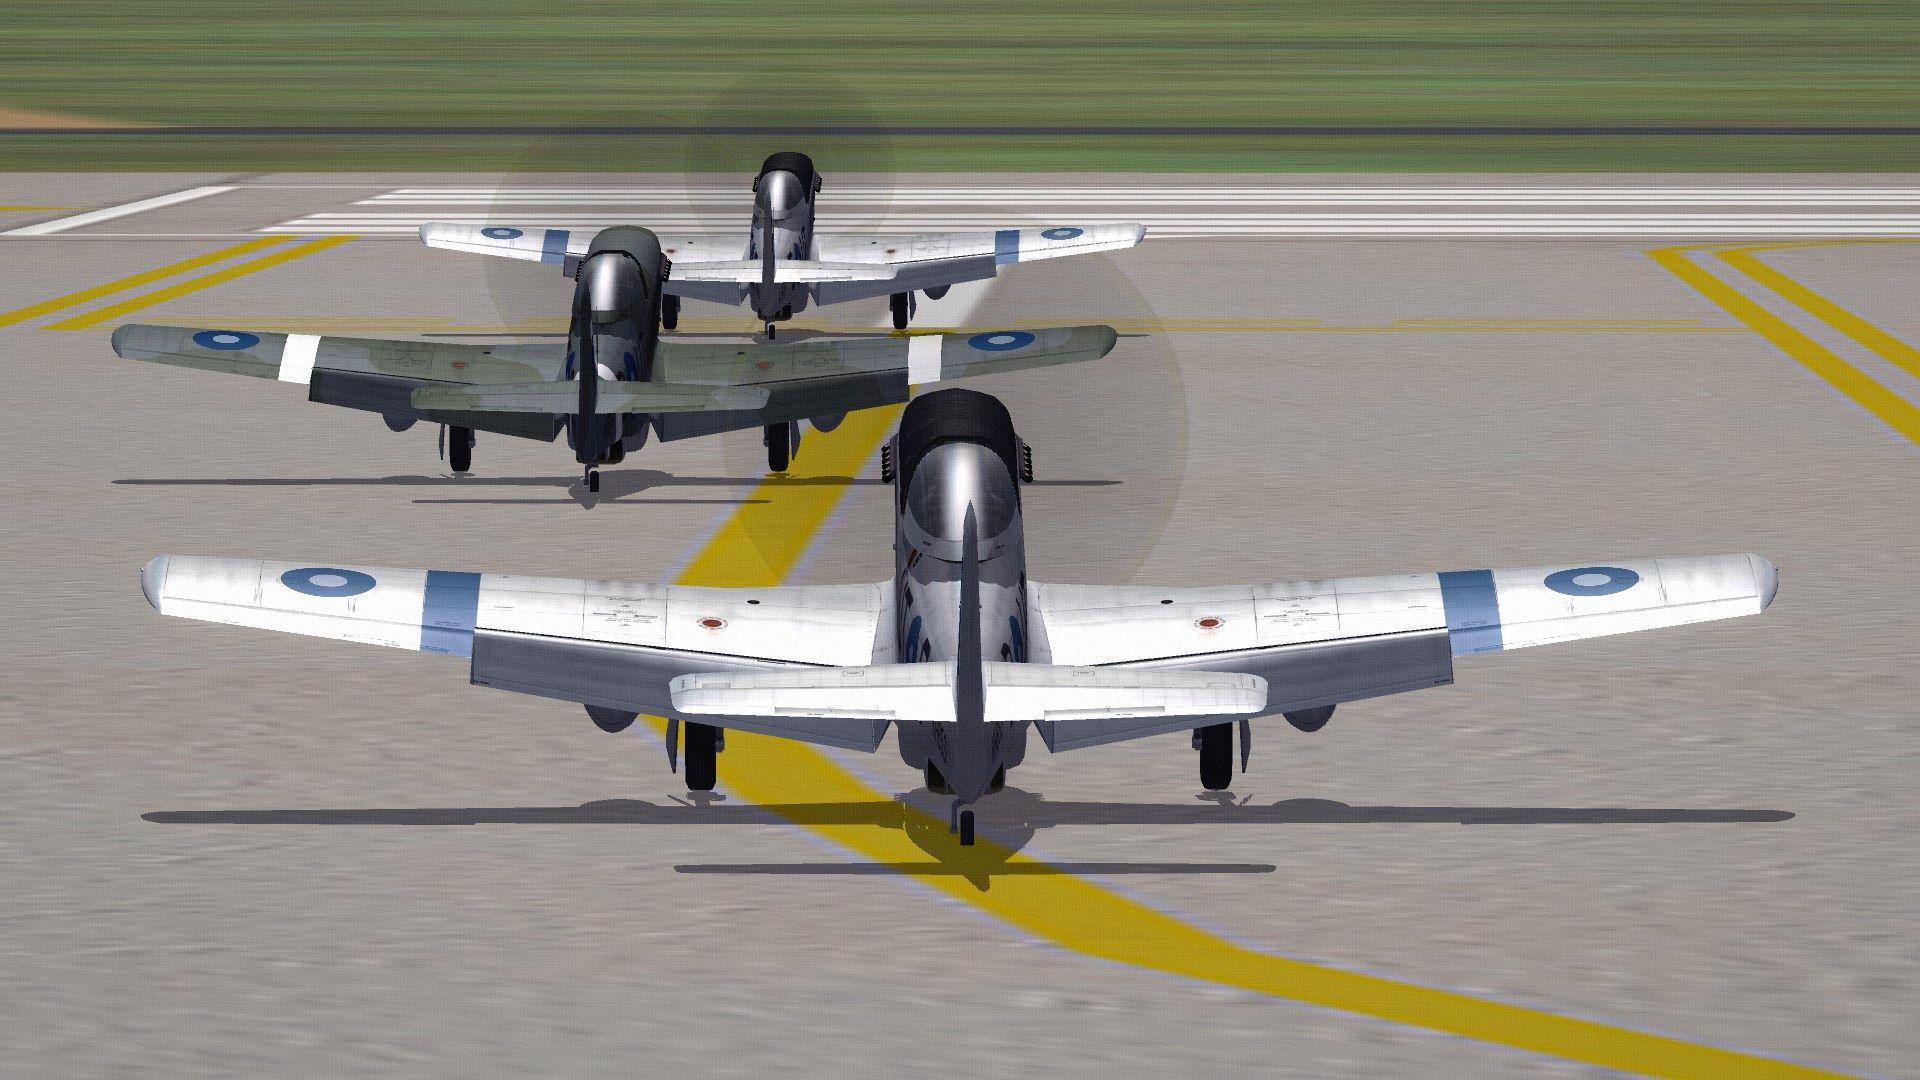 RAFP-51DMUSTANG407_zpsb9aed779.jpg